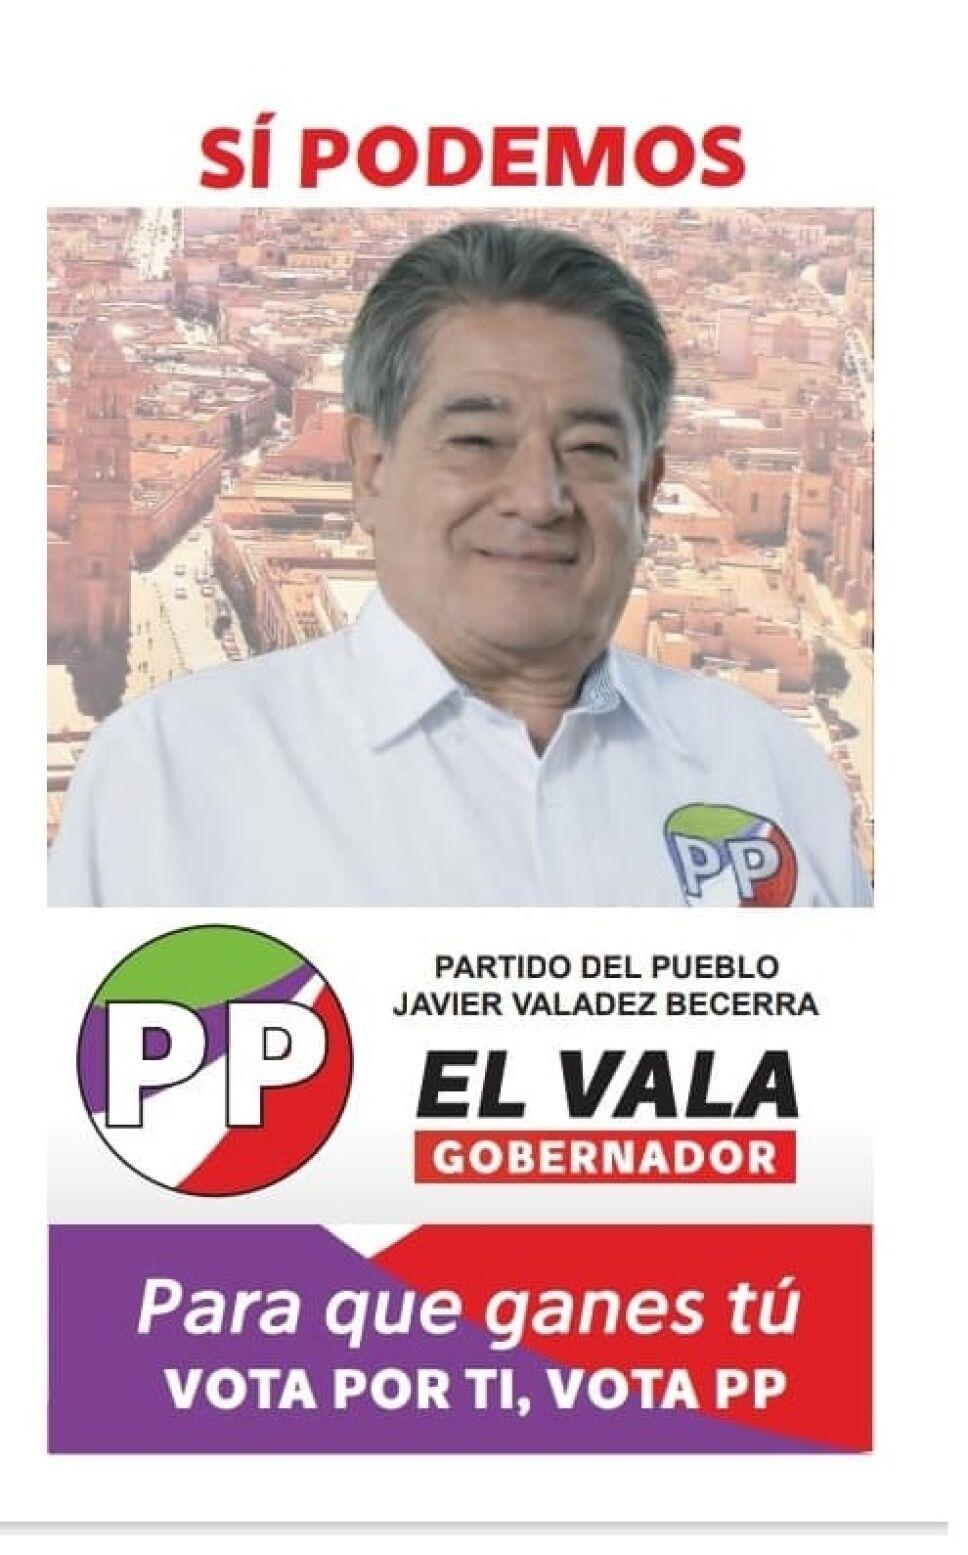 Javier Valadez Becerra cadidato a gubernatura de Zacatecas por el Partido del Pueblo.